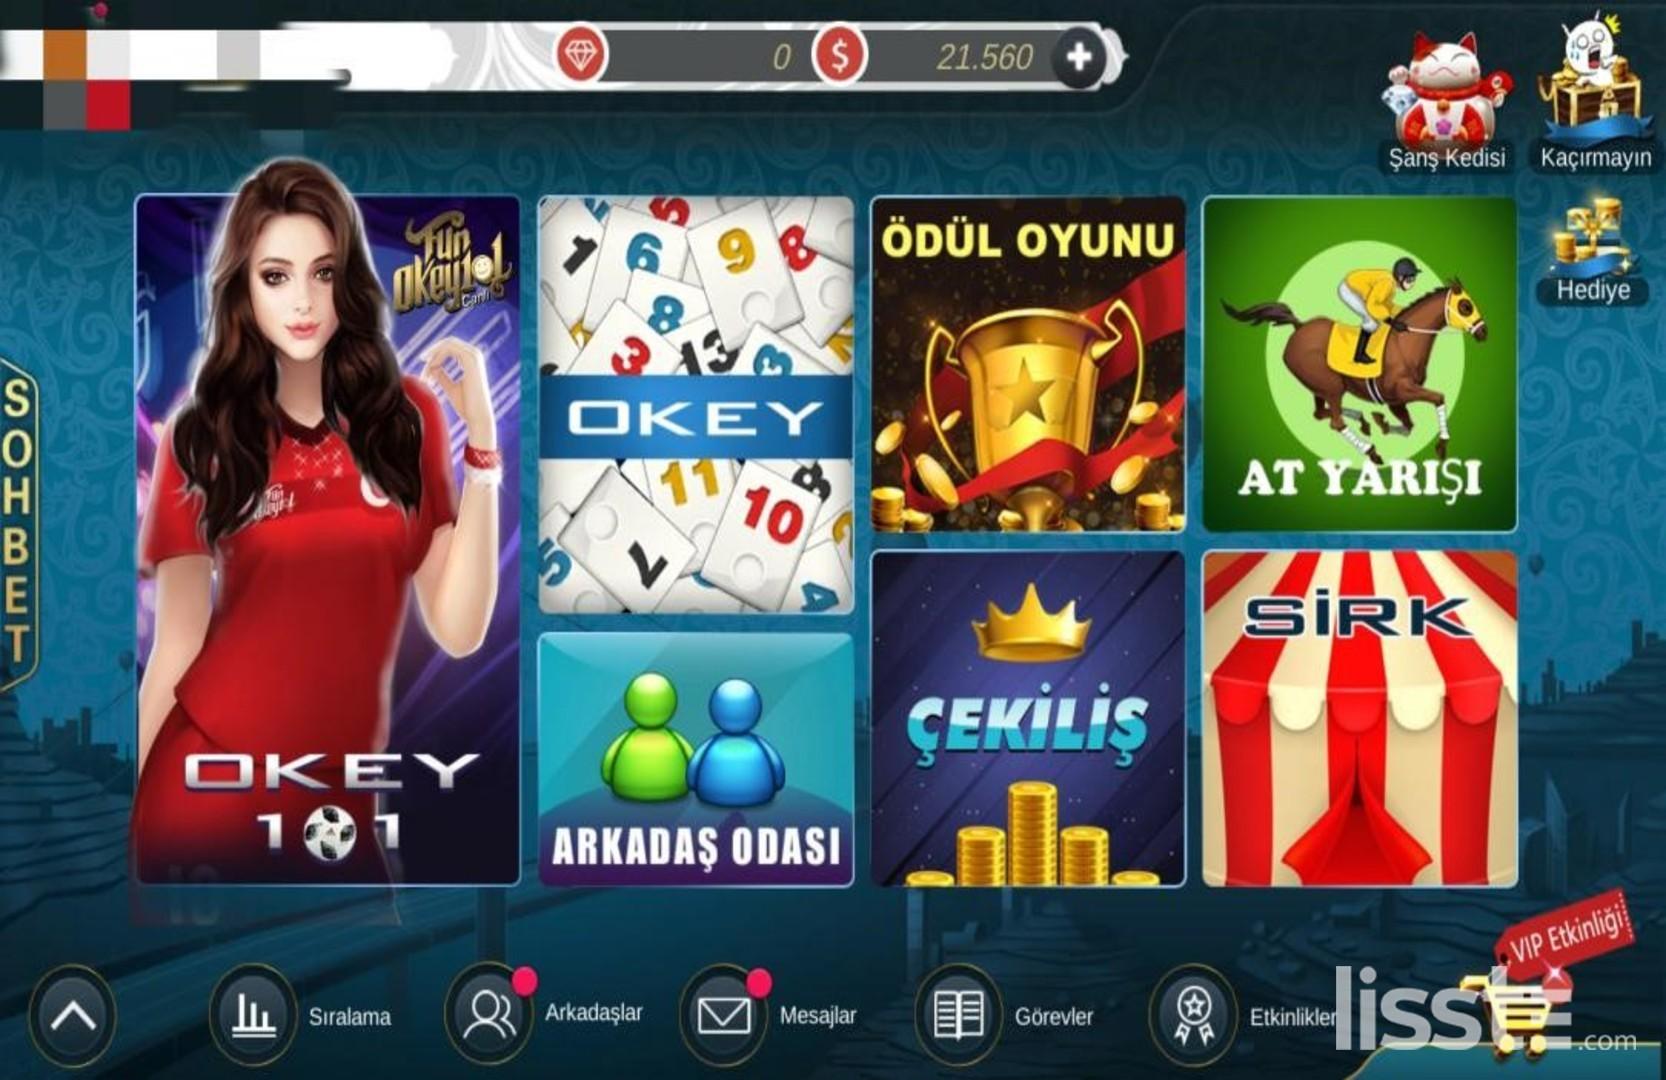 funokey-1588446439.jpg